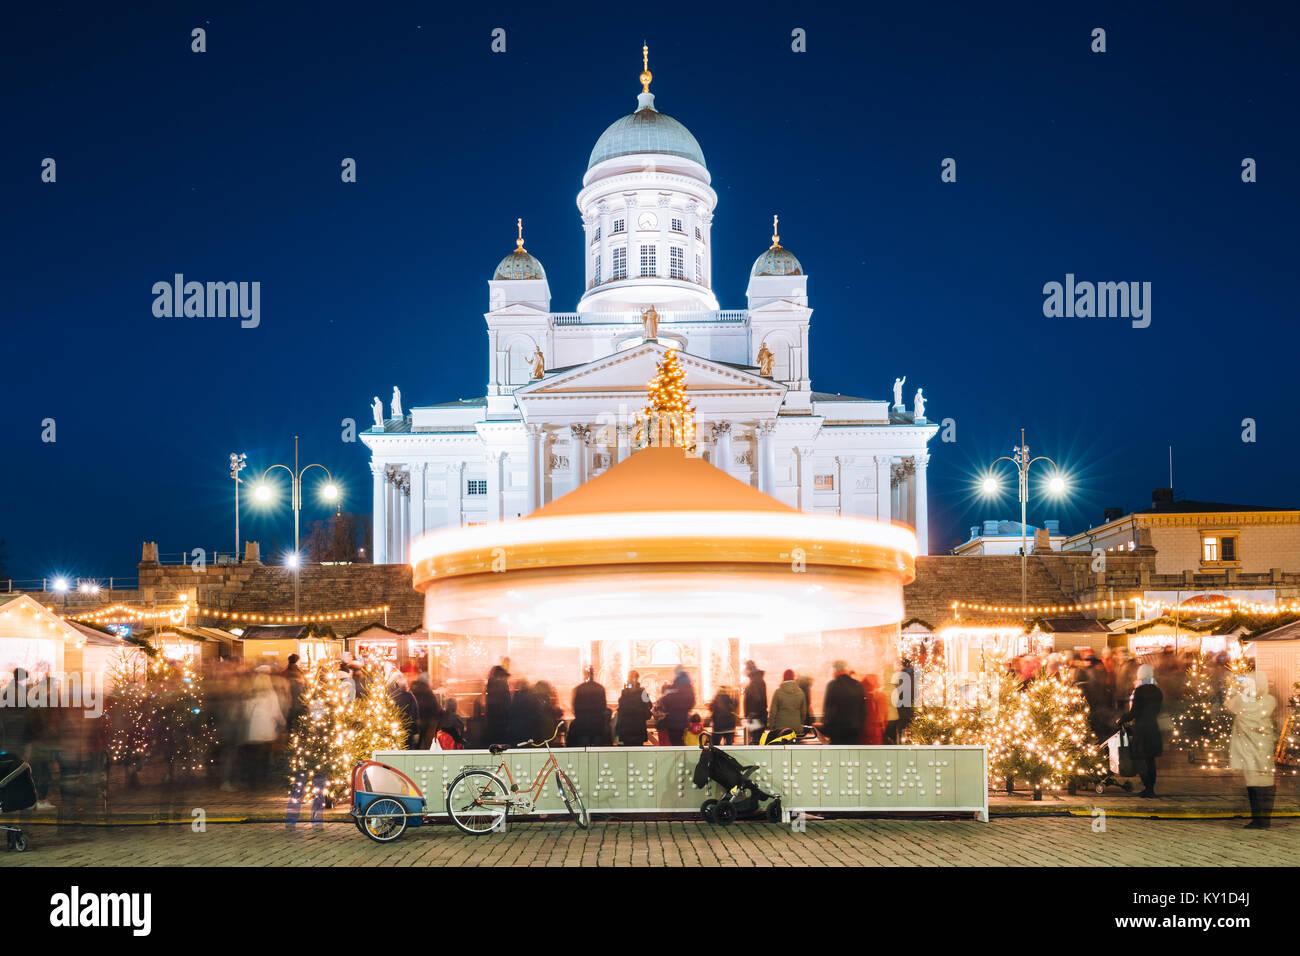 helsinki finnland weihnachten weihnachtsmarkt am senatsplatz mit urlaub karussell und. Black Bedroom Furniture Sets. Home Design Ideas